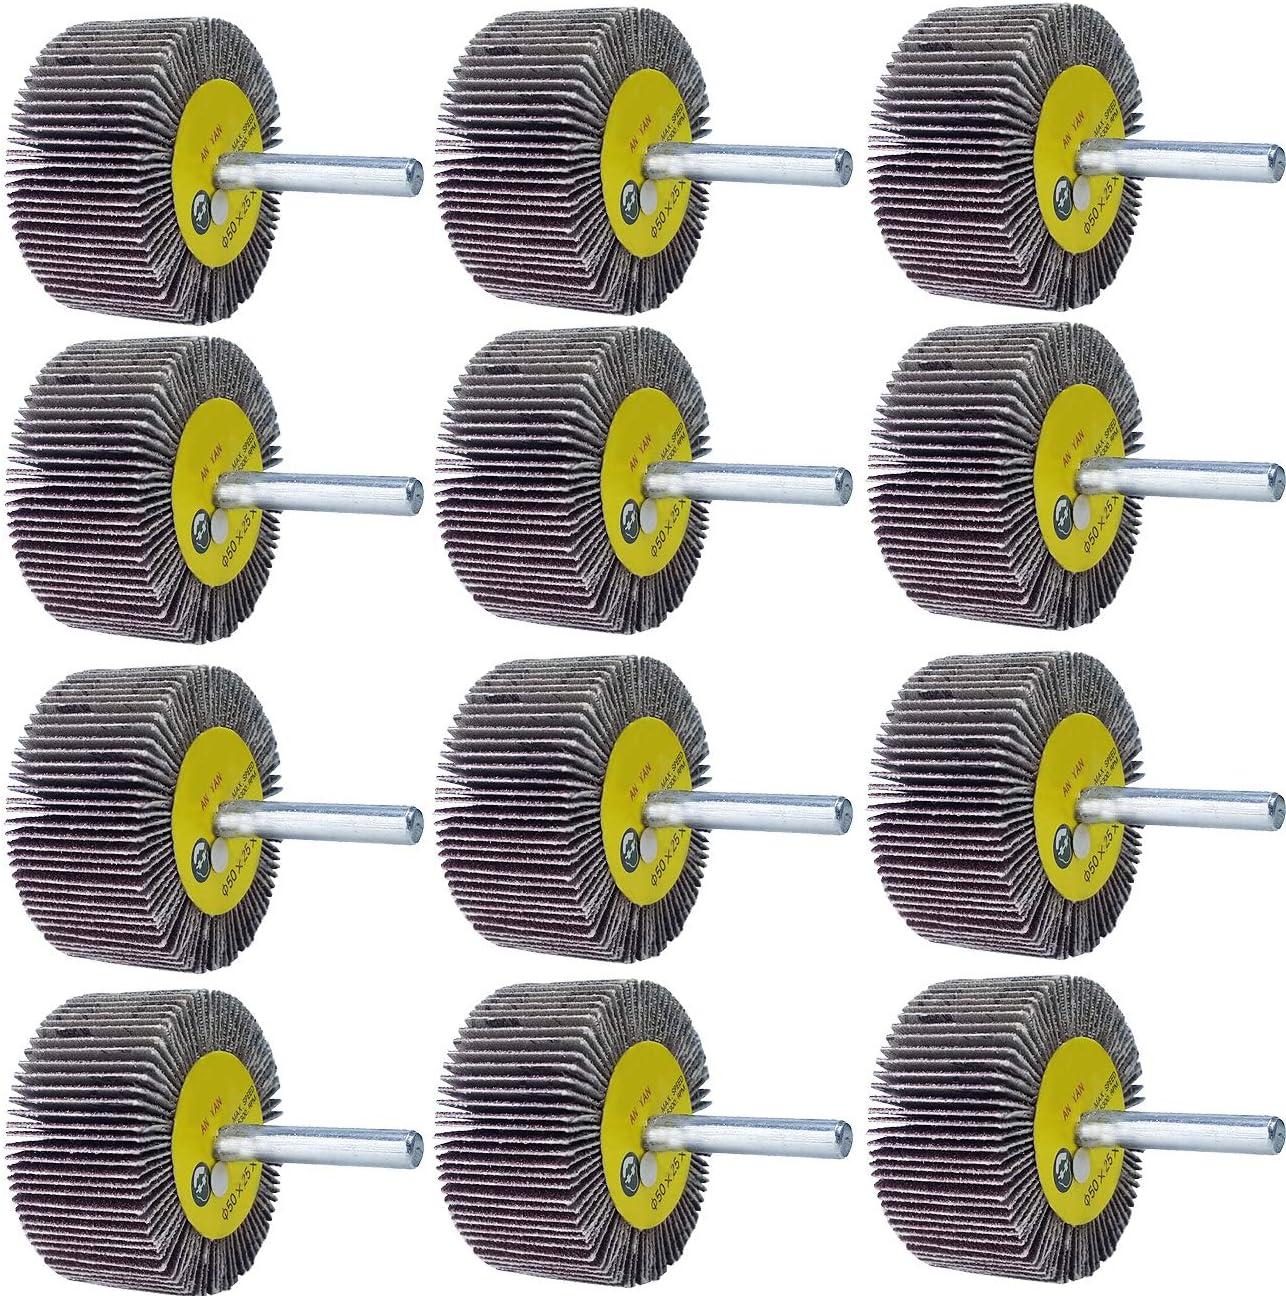 M-Jump - Juego de 12 ruedas de solapa de 2 x 1 x 1/4 pulgadas, 3 unidades de cada grano 40, 60, 80 y 120 de óxido de aluminio para eliminar óxido y fresa de soldadura, vástago de 1/4 para todos los taladros